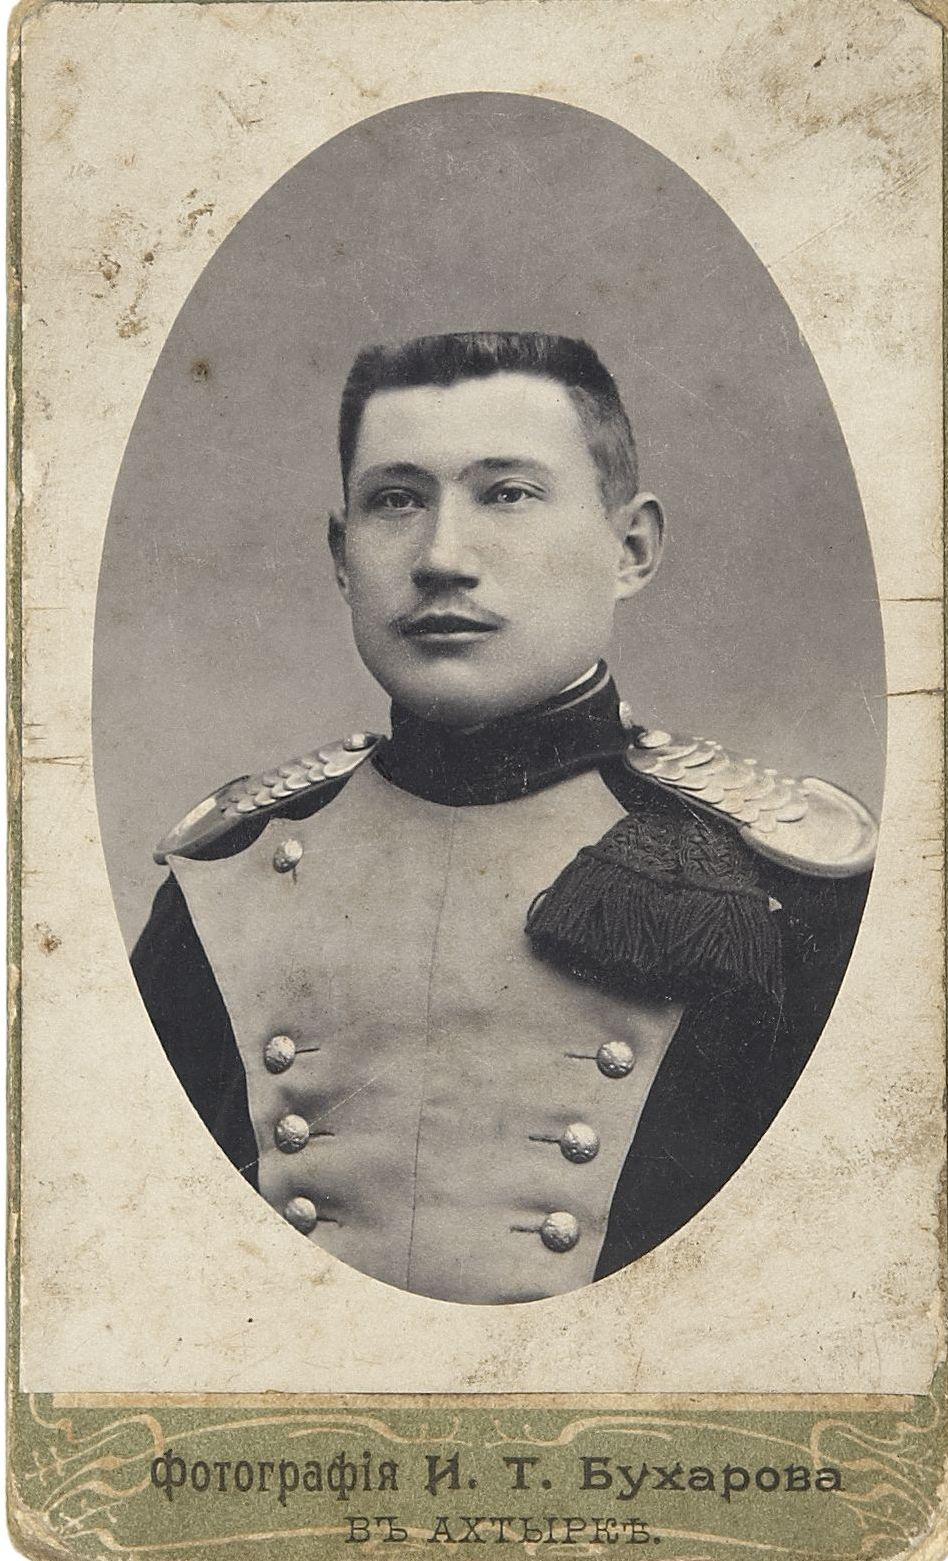 Фото рядового 10-го уланского Одесского полка. Ахтырка, 1908-1914